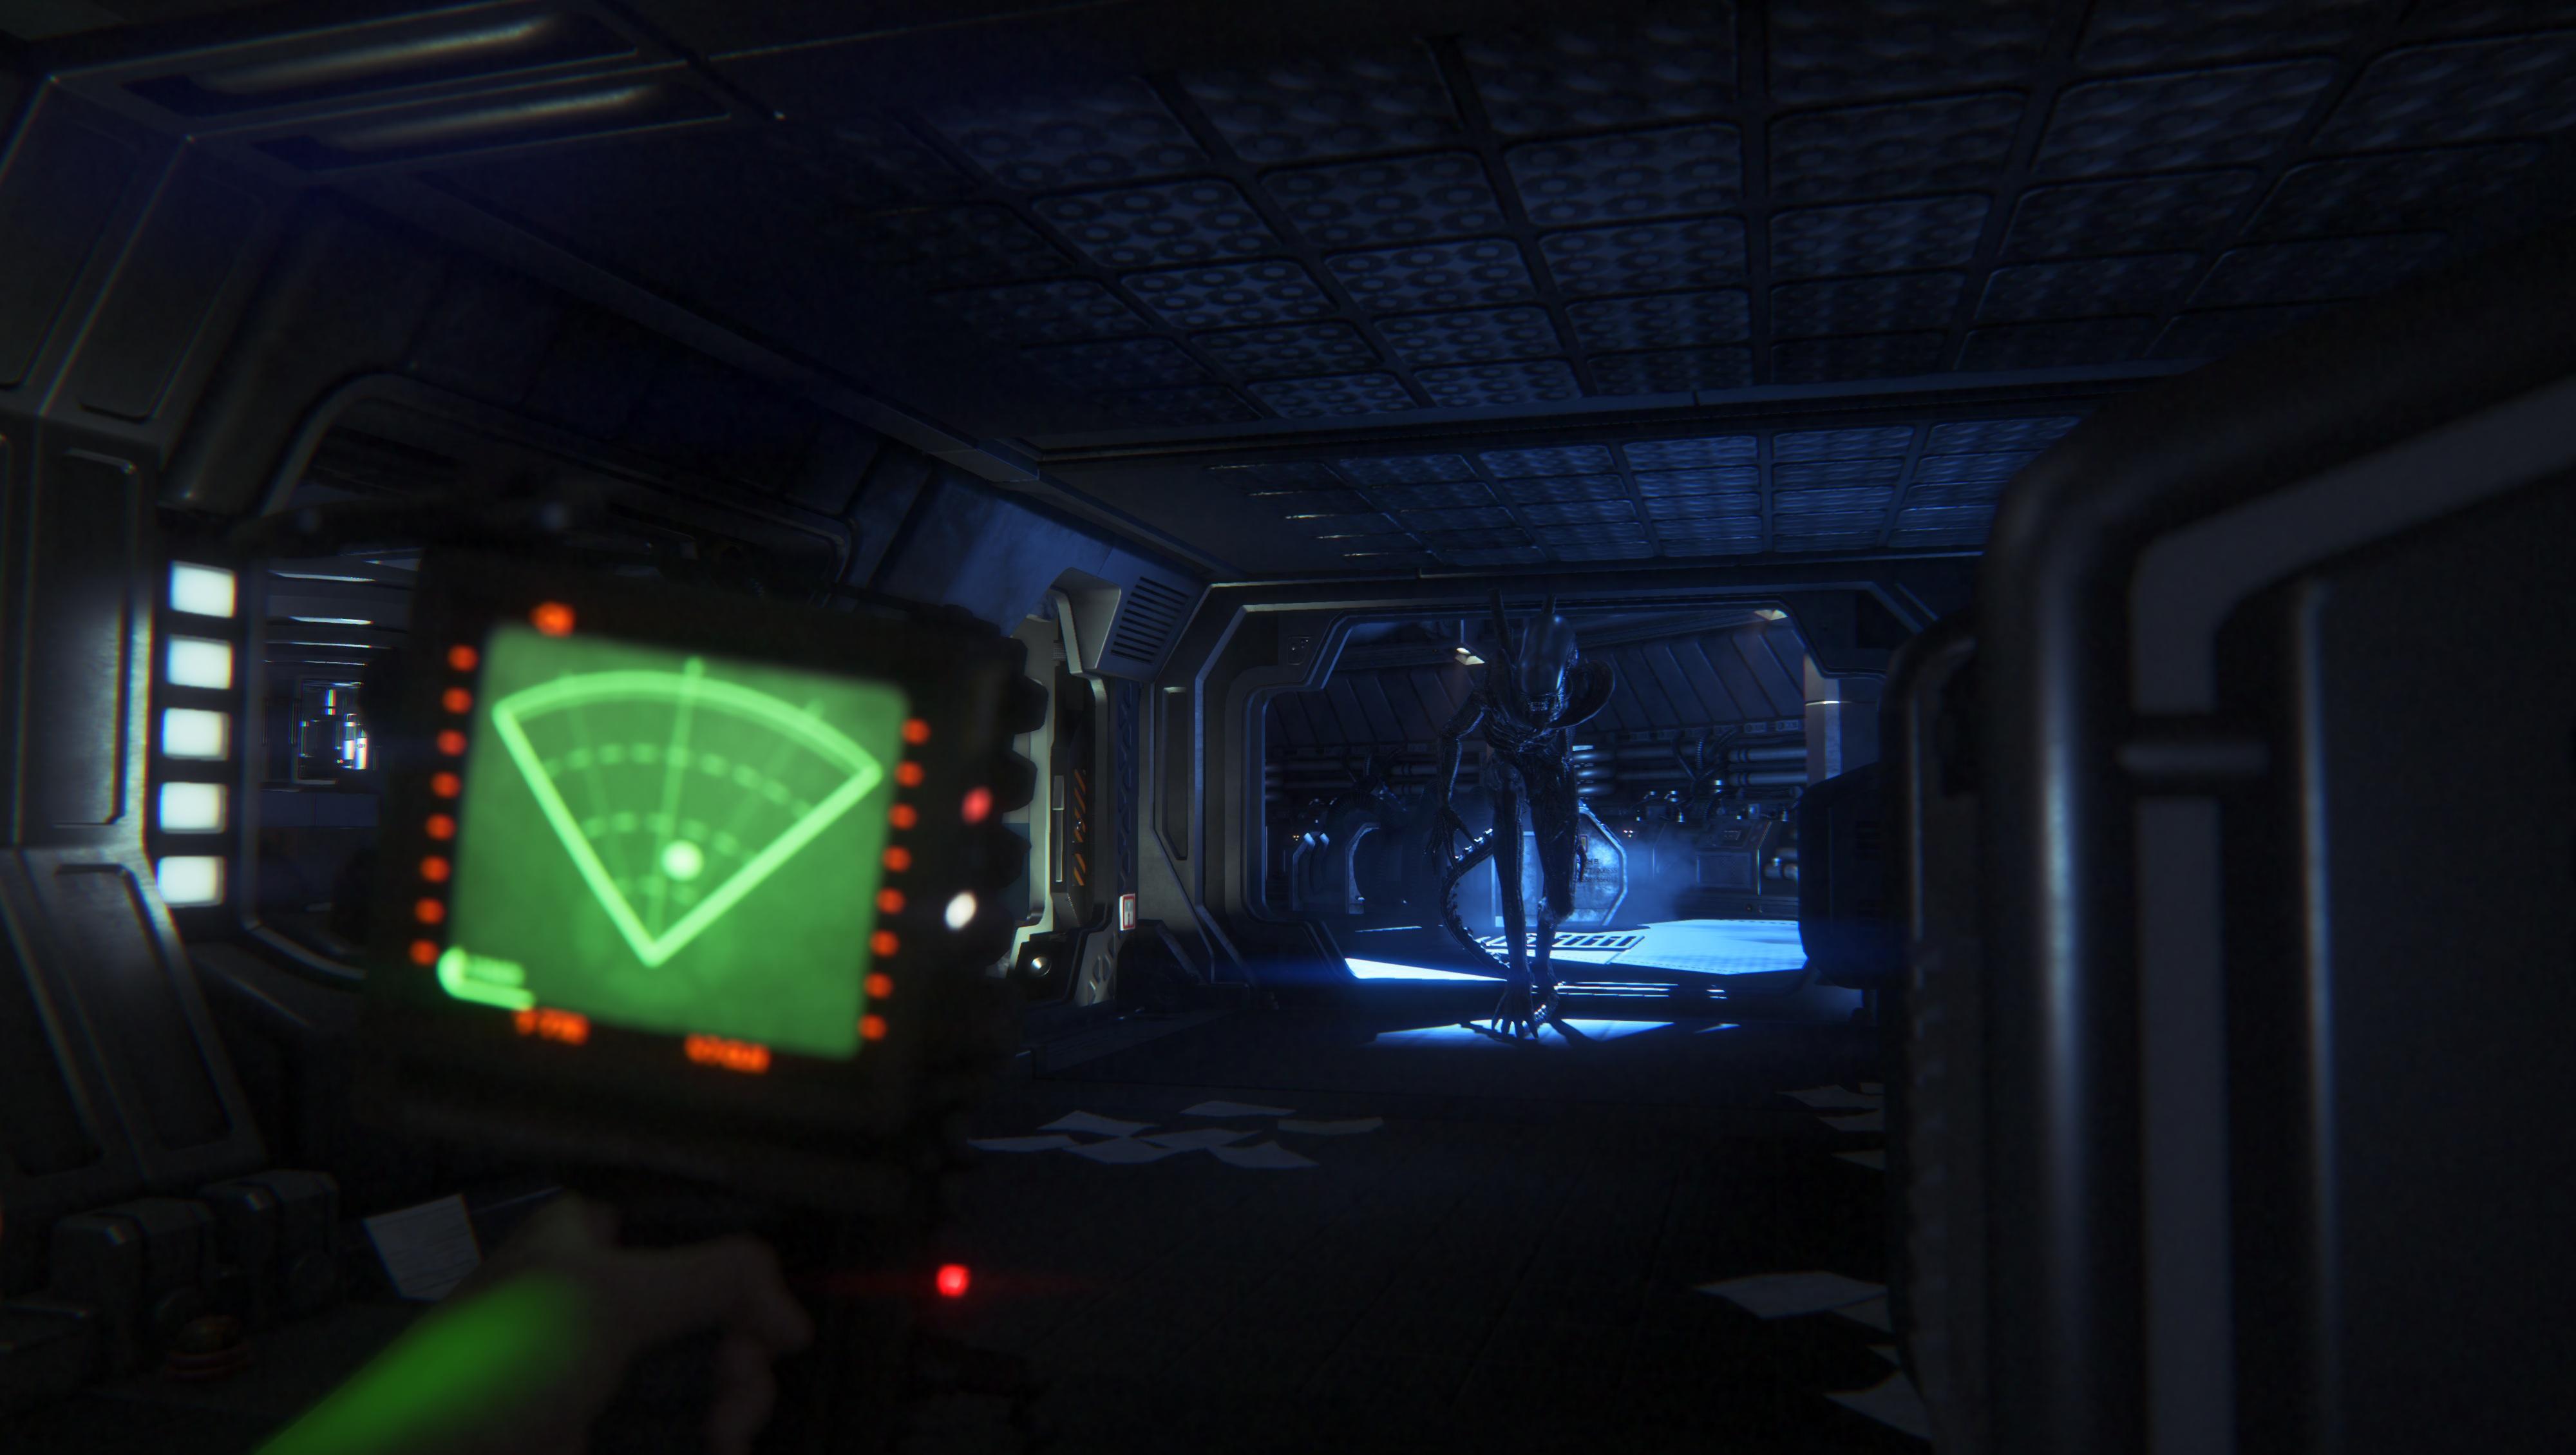 Du kan spille Alien: Isolation med Rift... om du tør.